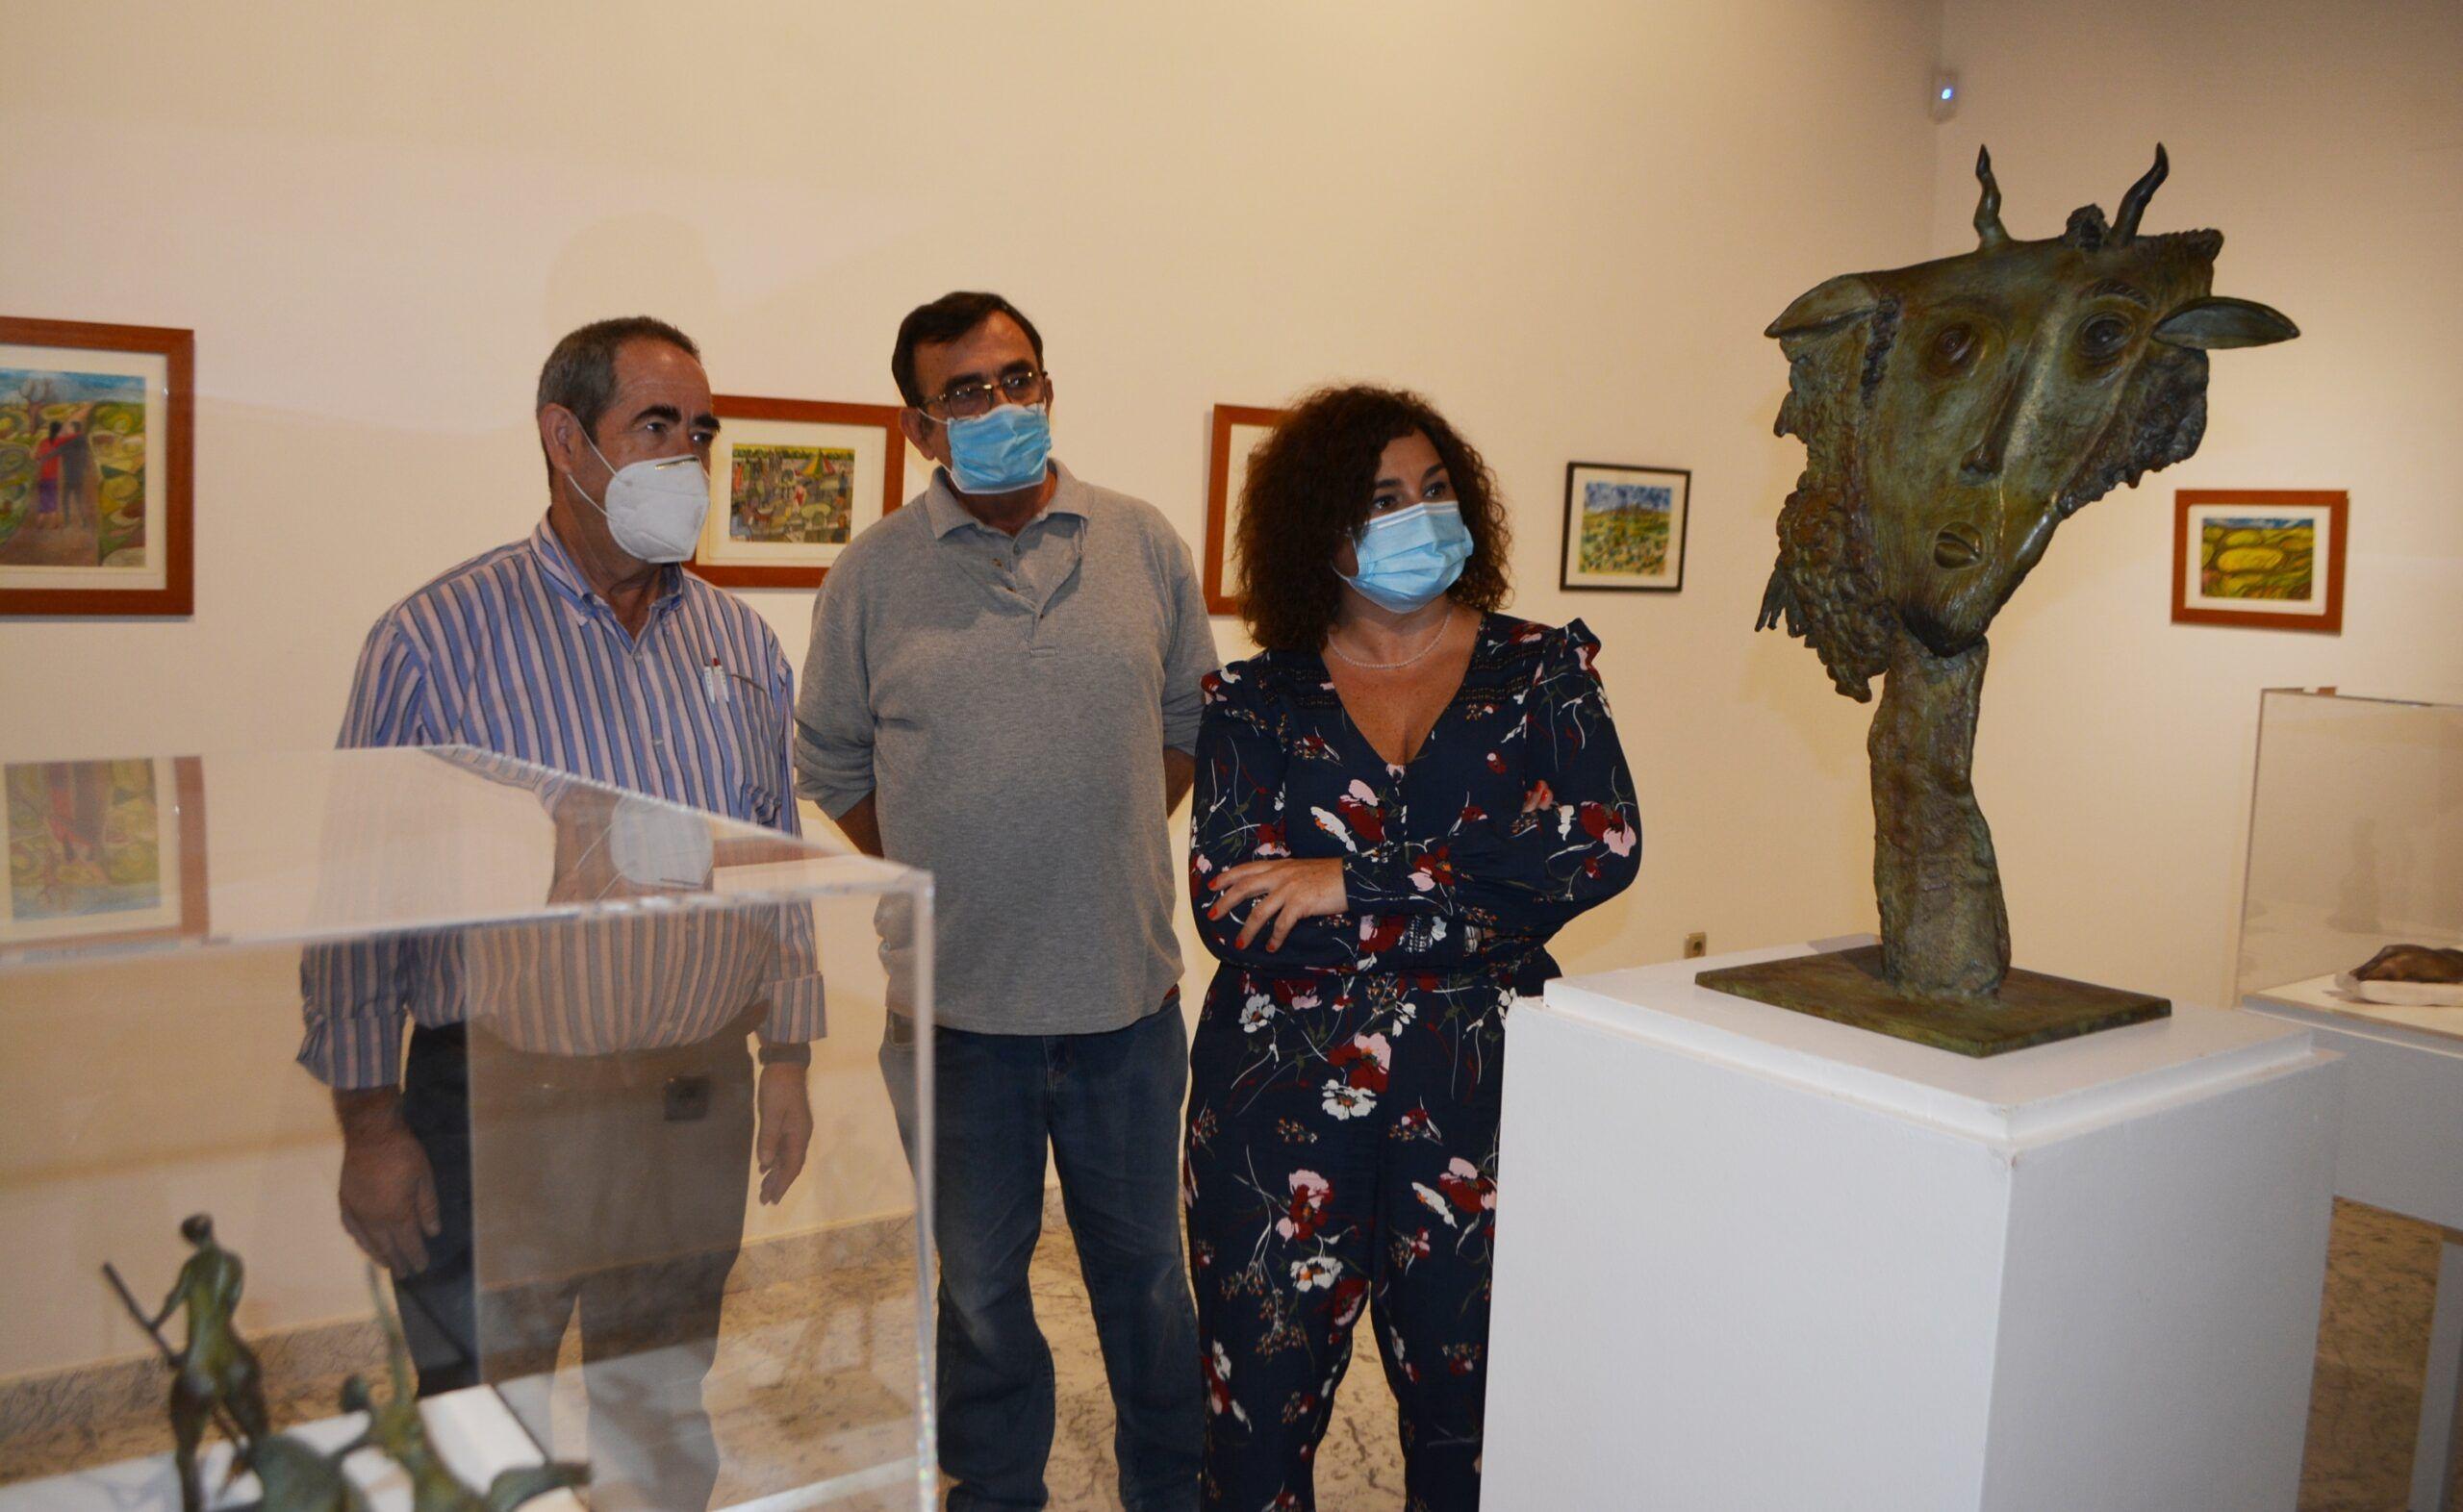 El Centro Cultural San Clemente presenta una retrospectiva de las obras de Jorge Lencero y José Luis López Romeral